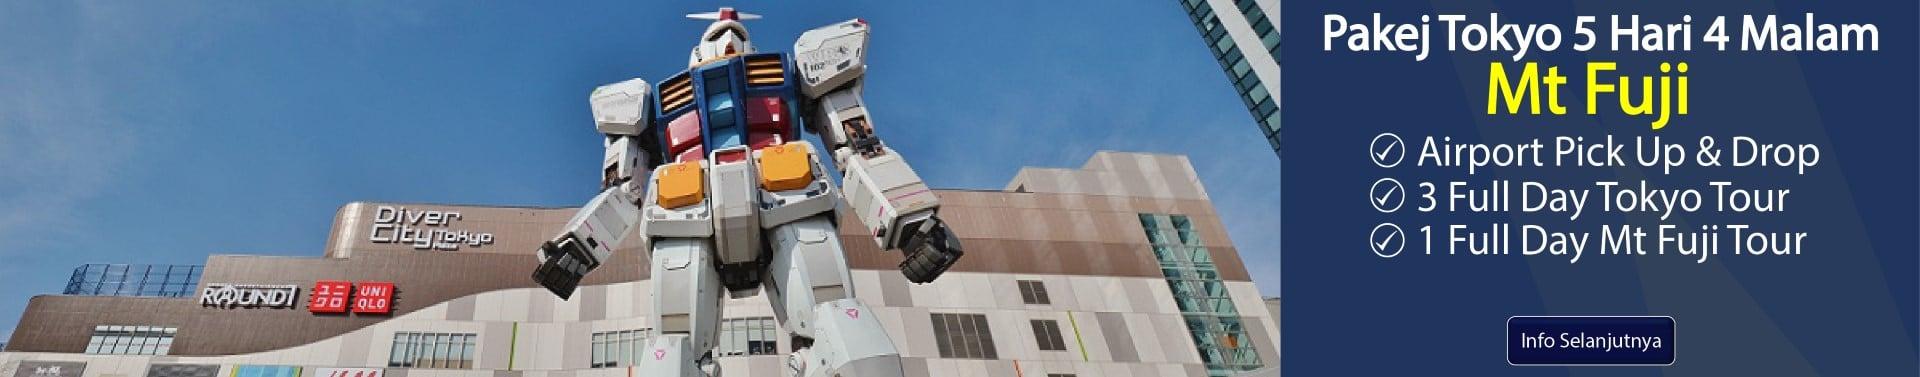 Tokyo 5H4M Fuji-01-01 (Large)